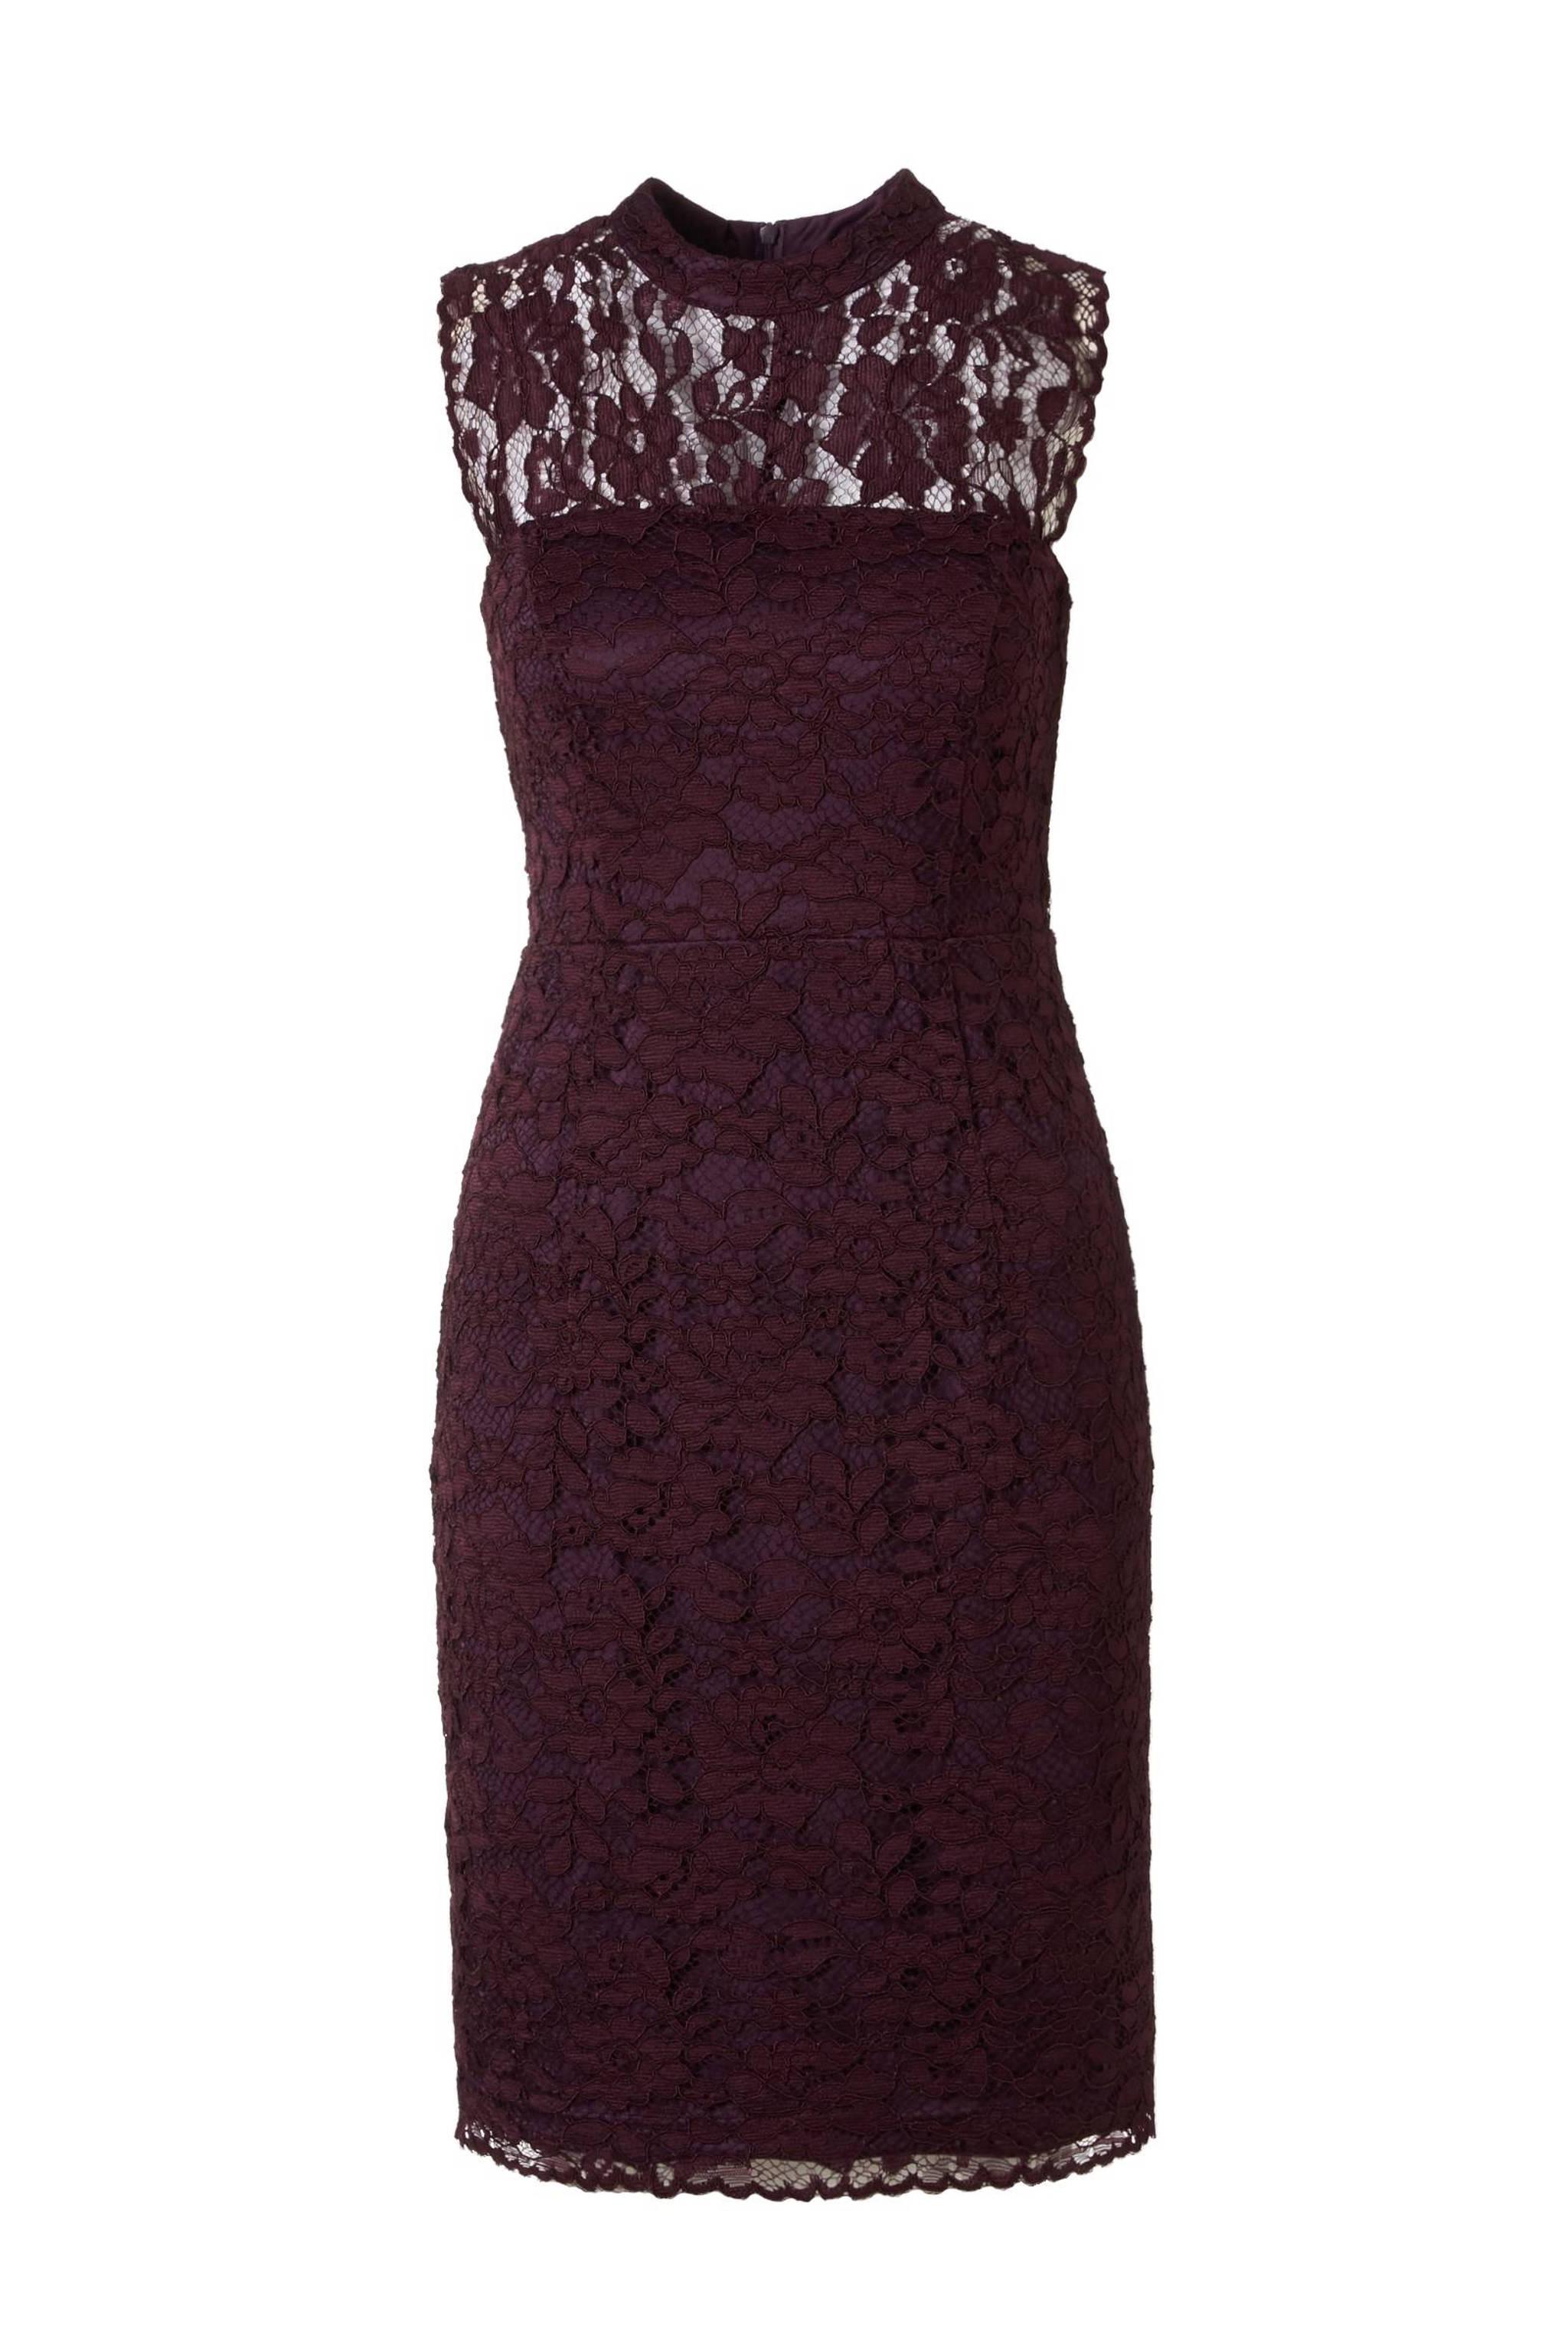 8ad128f374a9e4 ESPRIT Women Collection kanten jurk